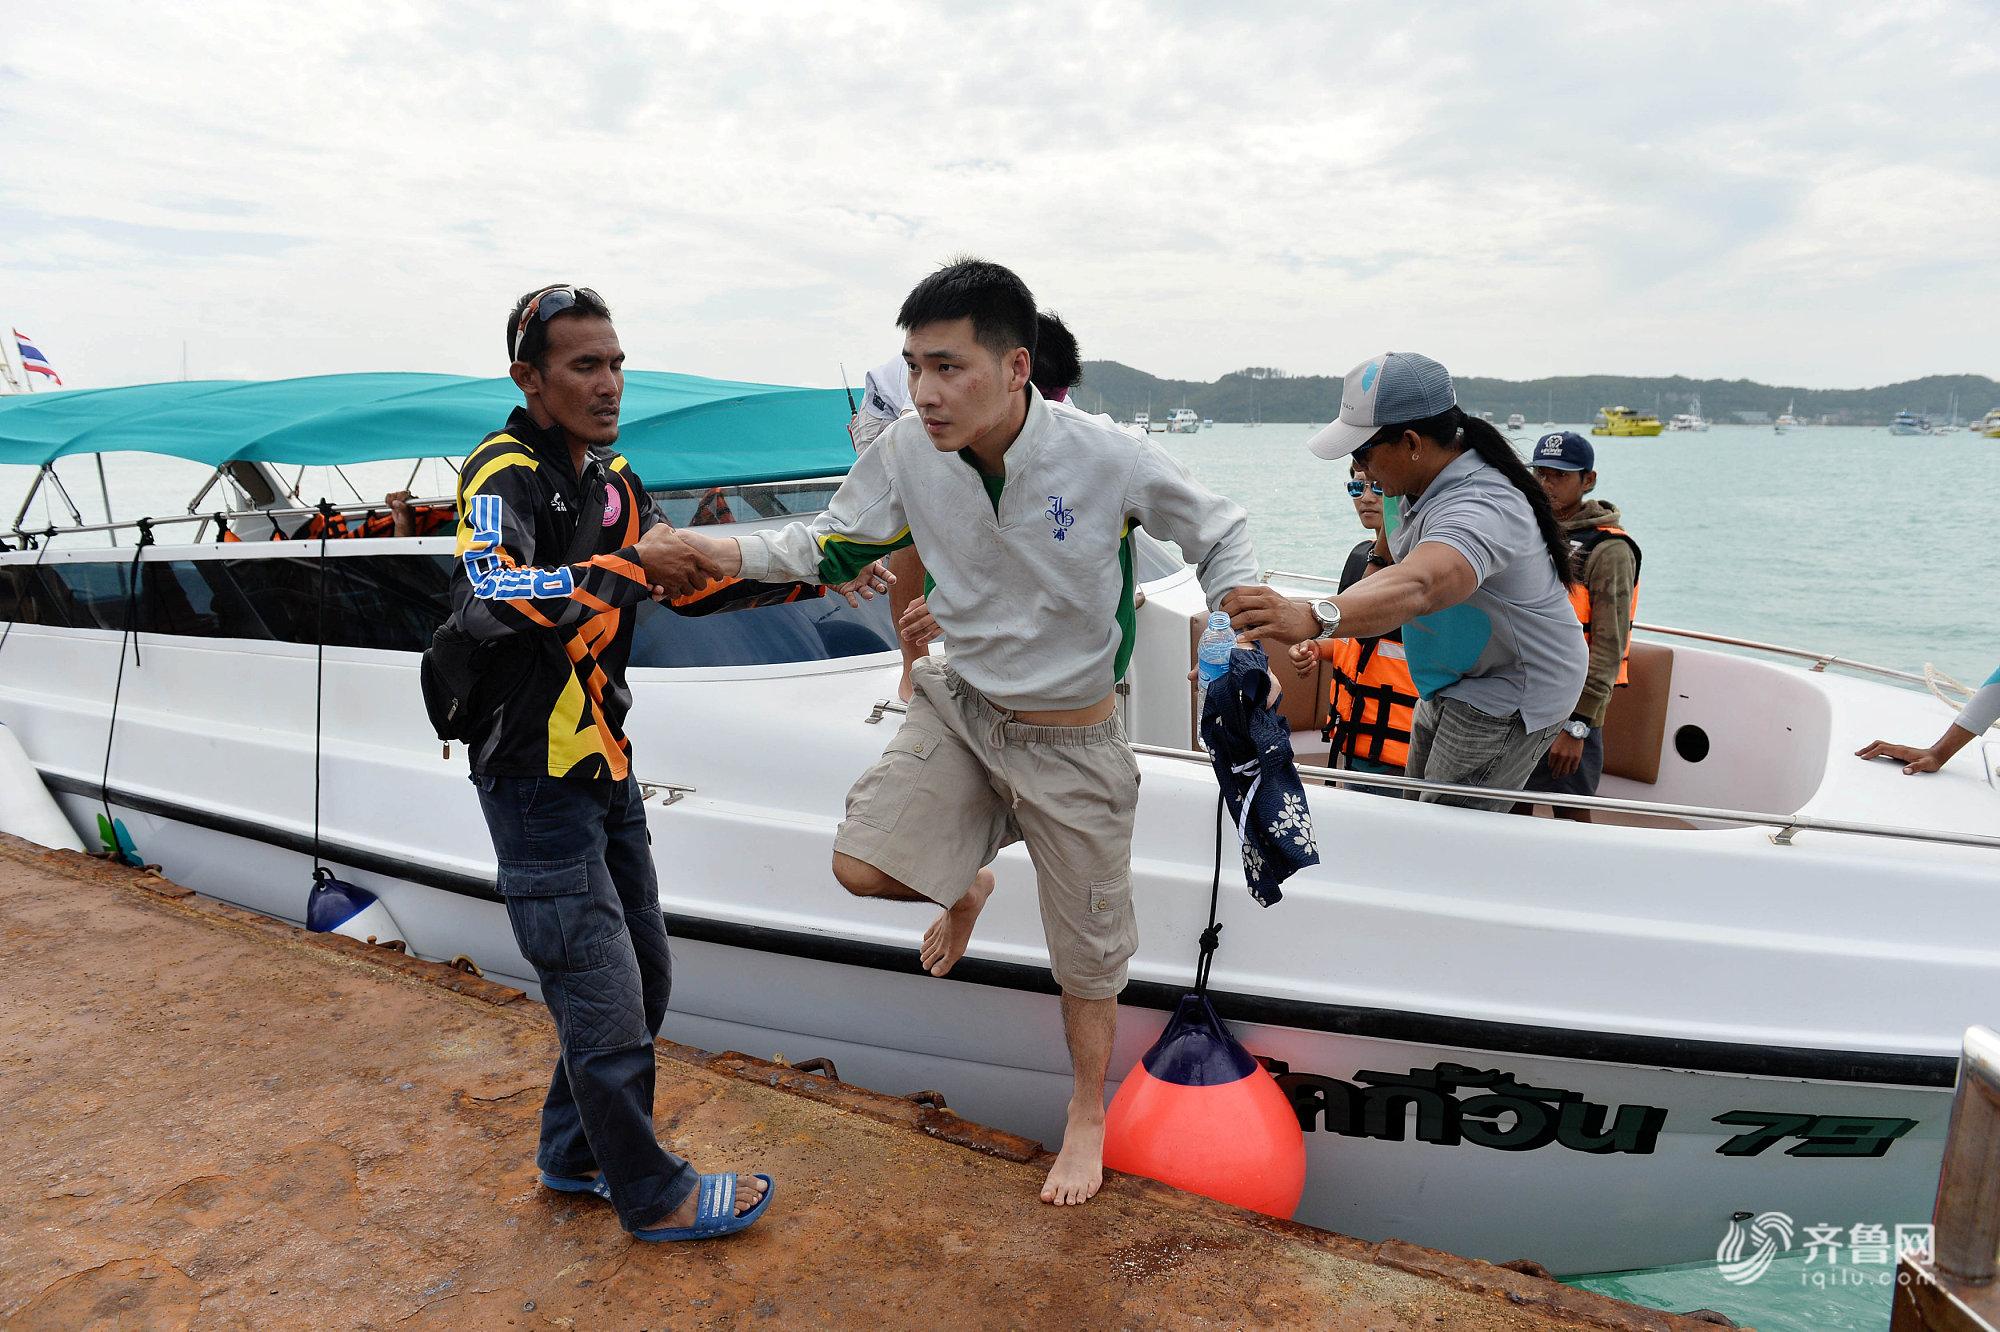 泰国普吉游船倾覆事故 获救中国游客人数上升为78人